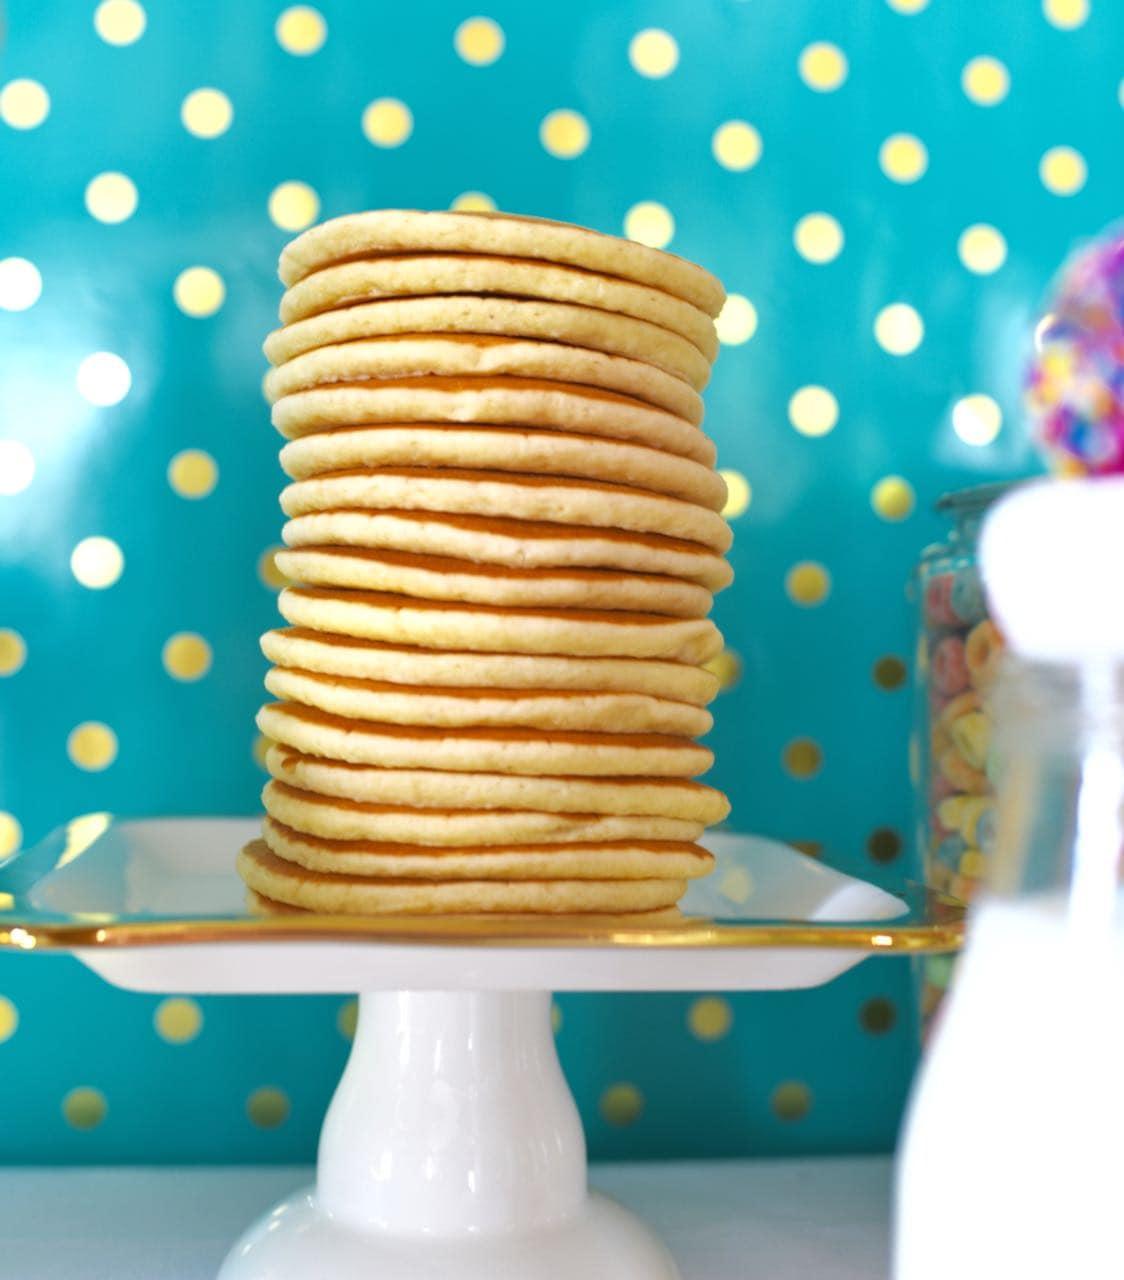 Pancakes and pajamas party food